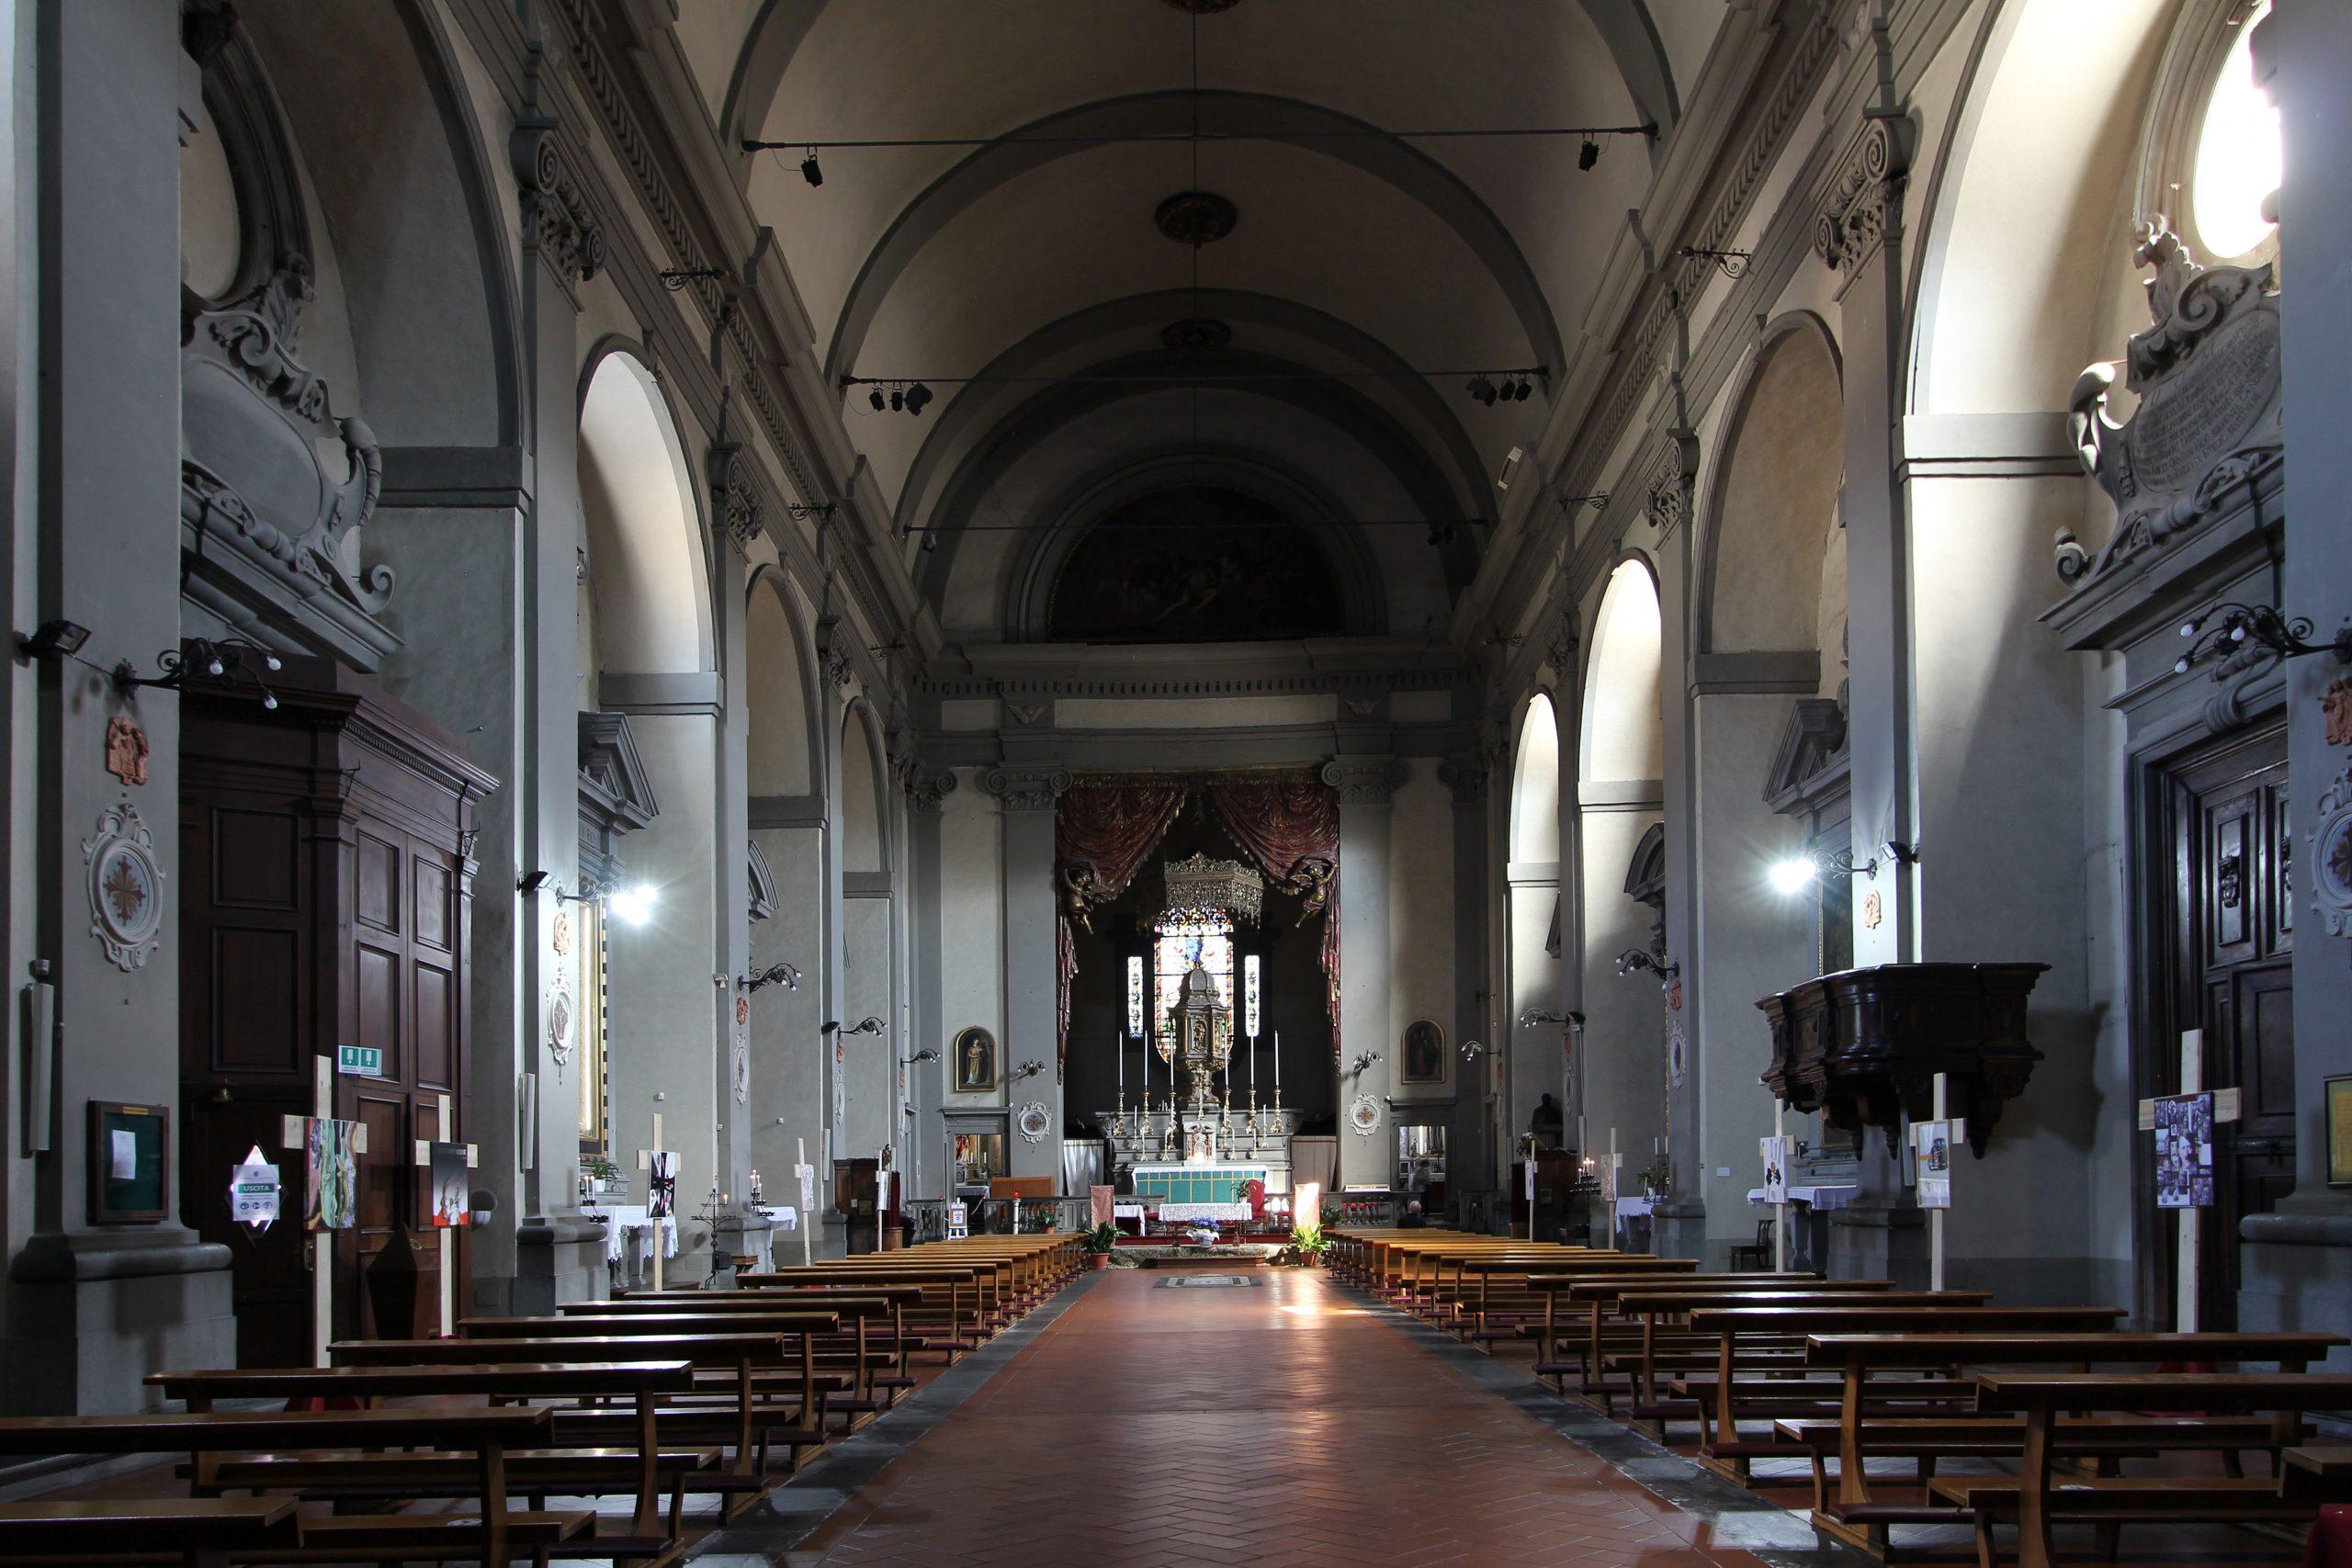 Pillole di arte contemporanea: la Chiesa di san Domenico e la 'via Crucis Contemporanea' della mostra 'Noli me tangere'.